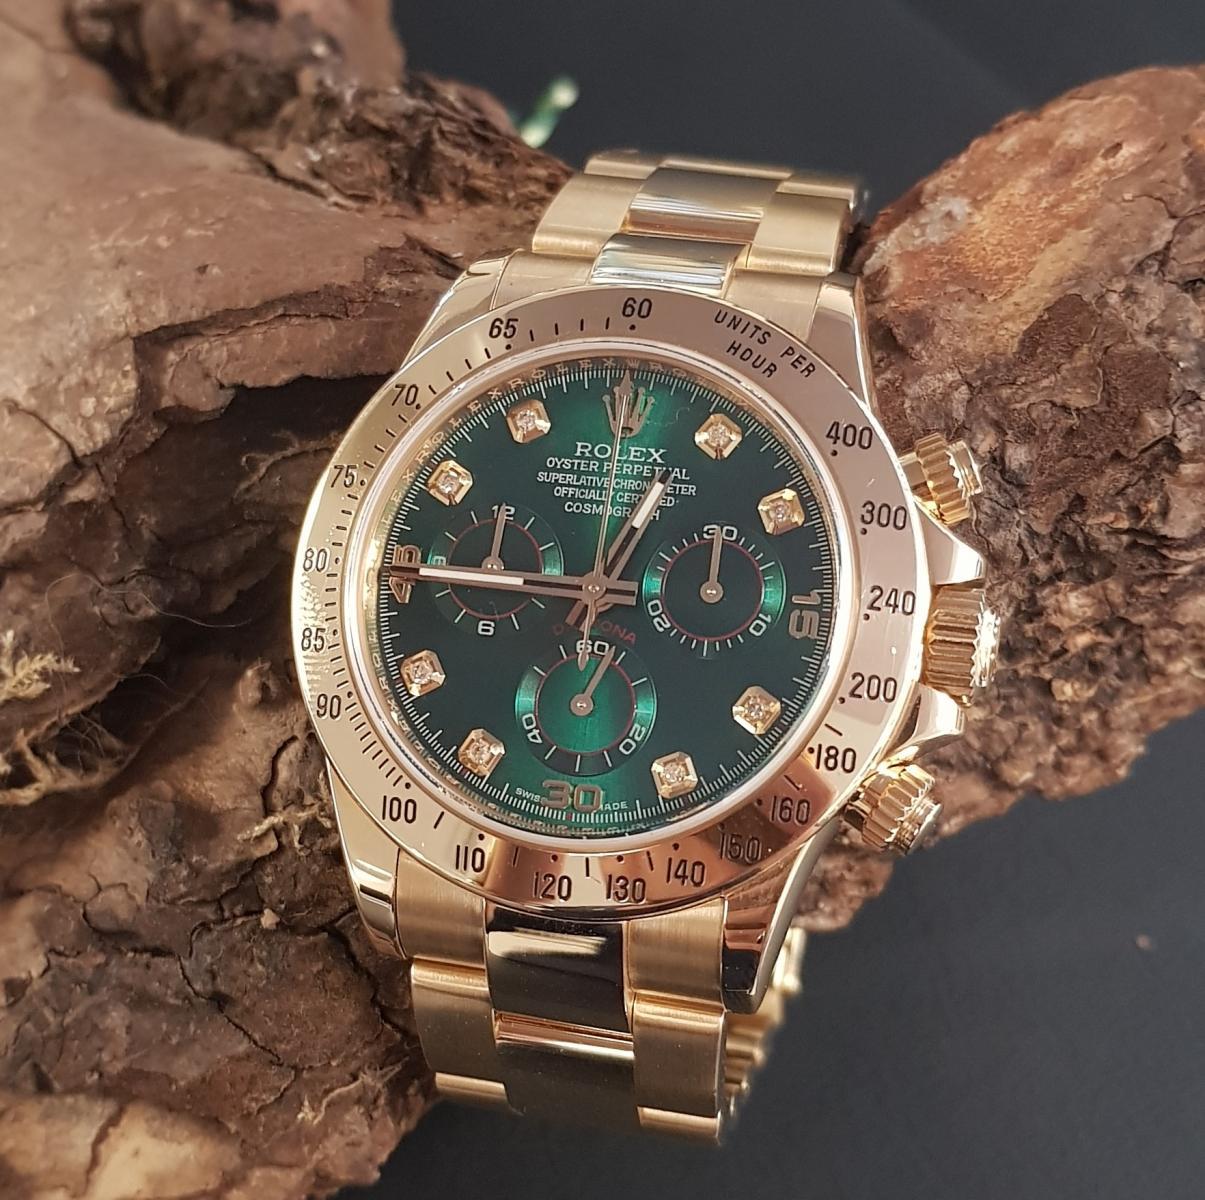 Rolex Daytona Green Ref. 116528